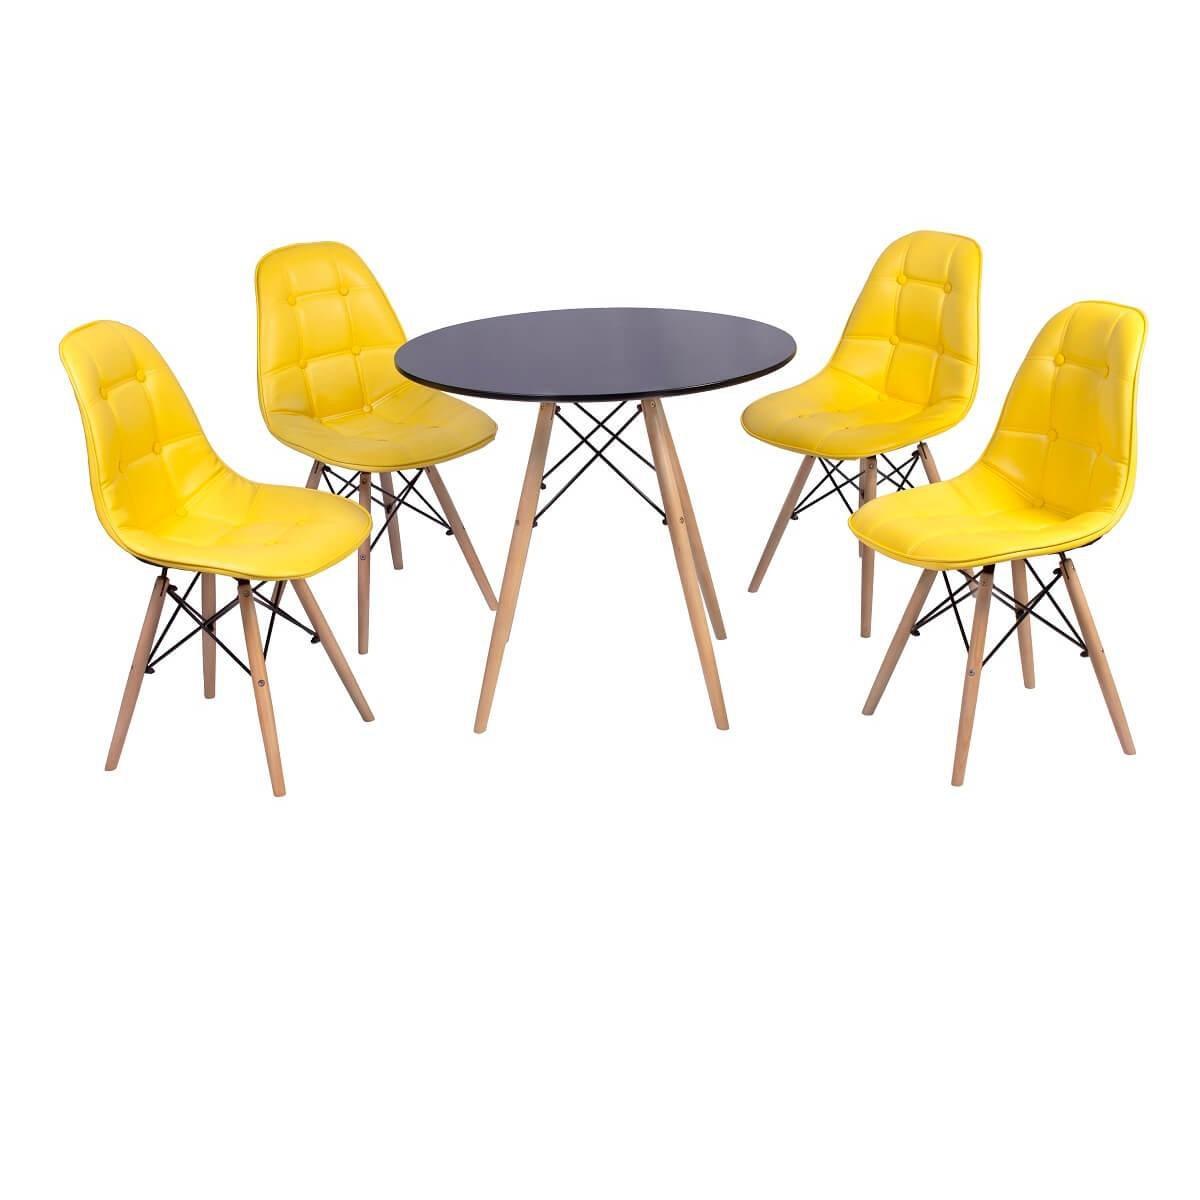 Conjunto Mesa Eiffel + 4 Cadeiras Dkr Charles Eames Wood Estofada Botonê -  Compre Agora  e048f68e92e